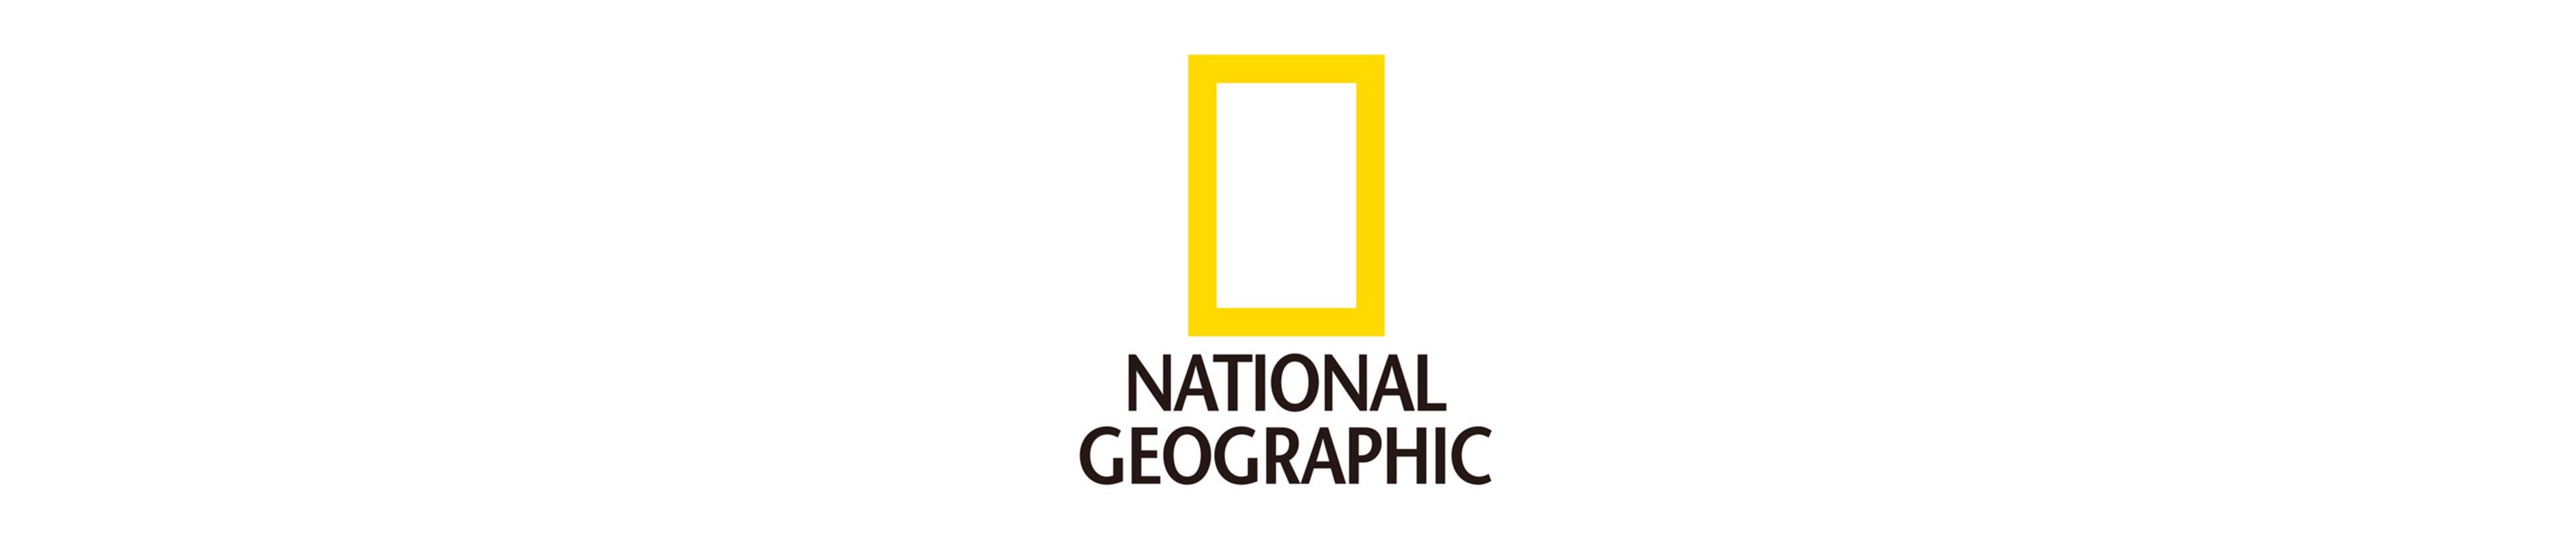 [已购]国家地理 – 每日精选 (美图、壁纸)-草蜢资源